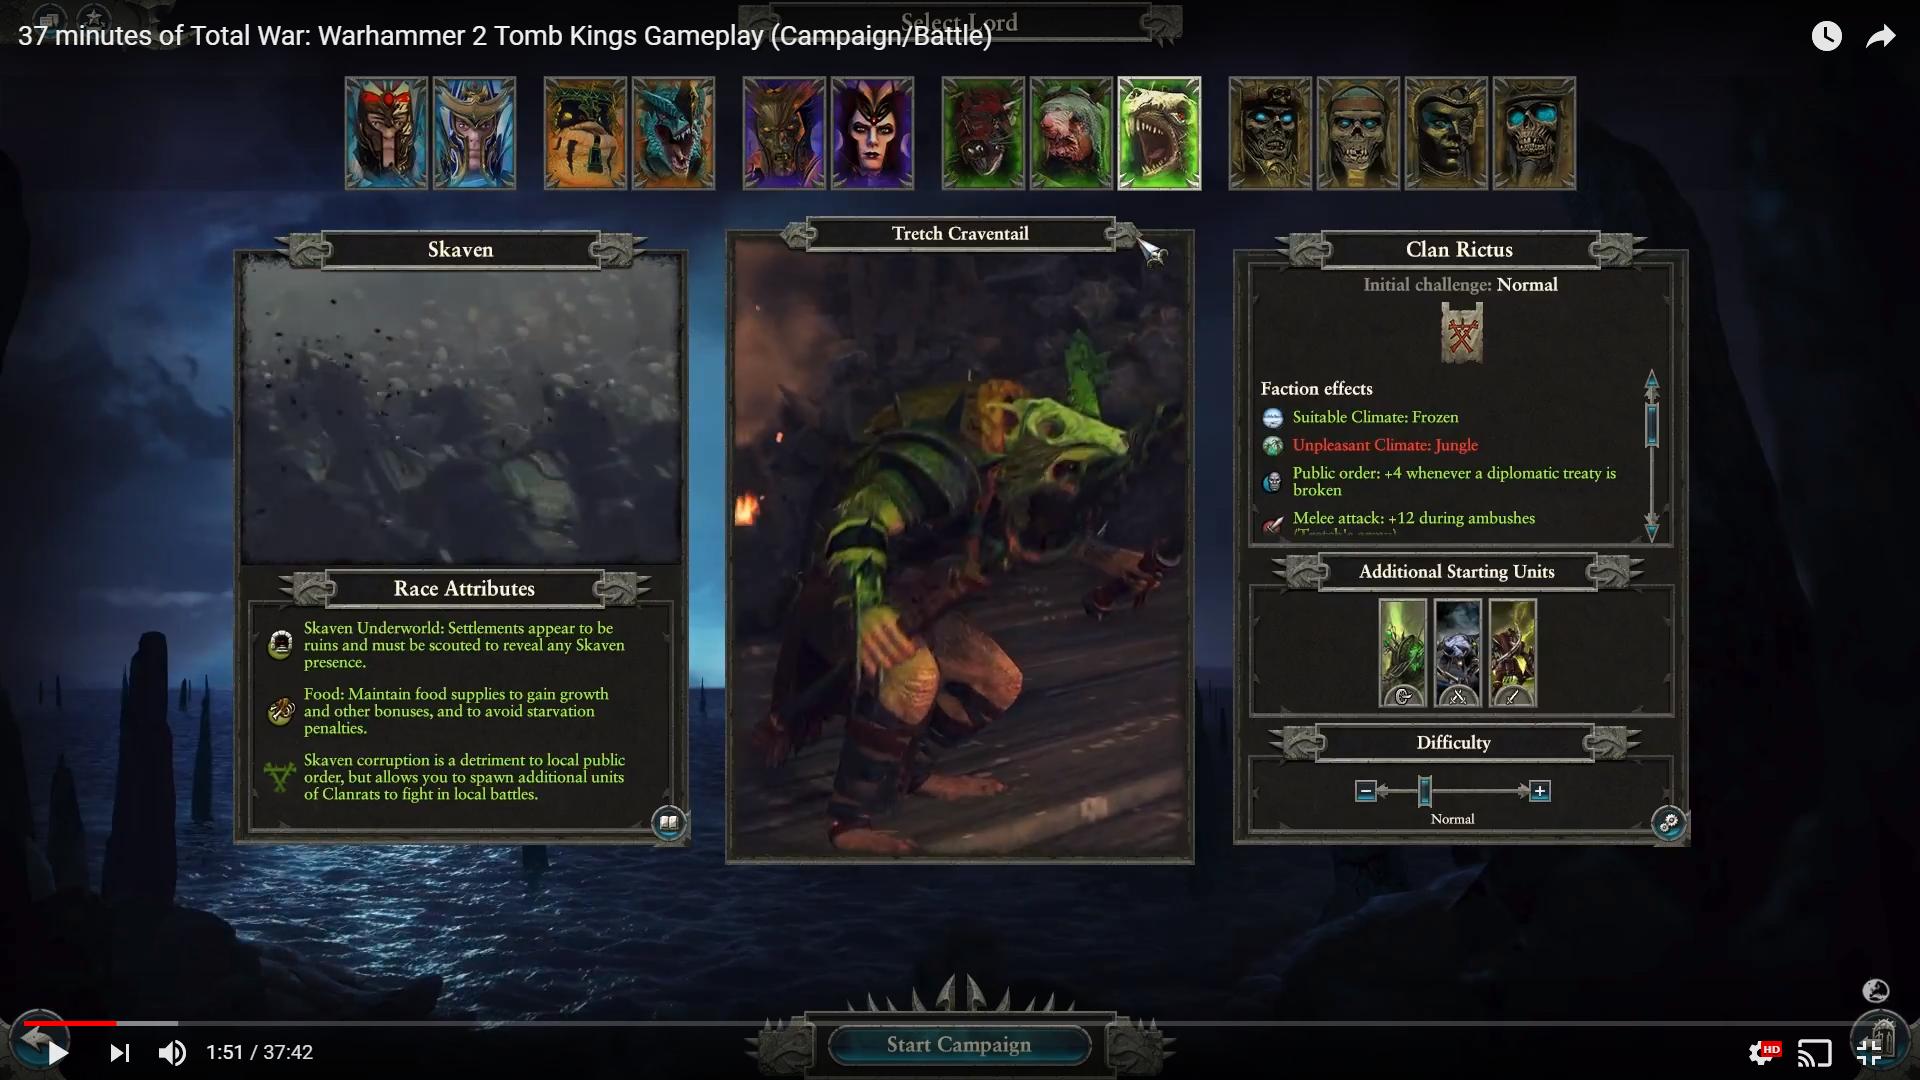 Warhammer - Total War: Warhammer 2   Page 20   hurr durr pee gee